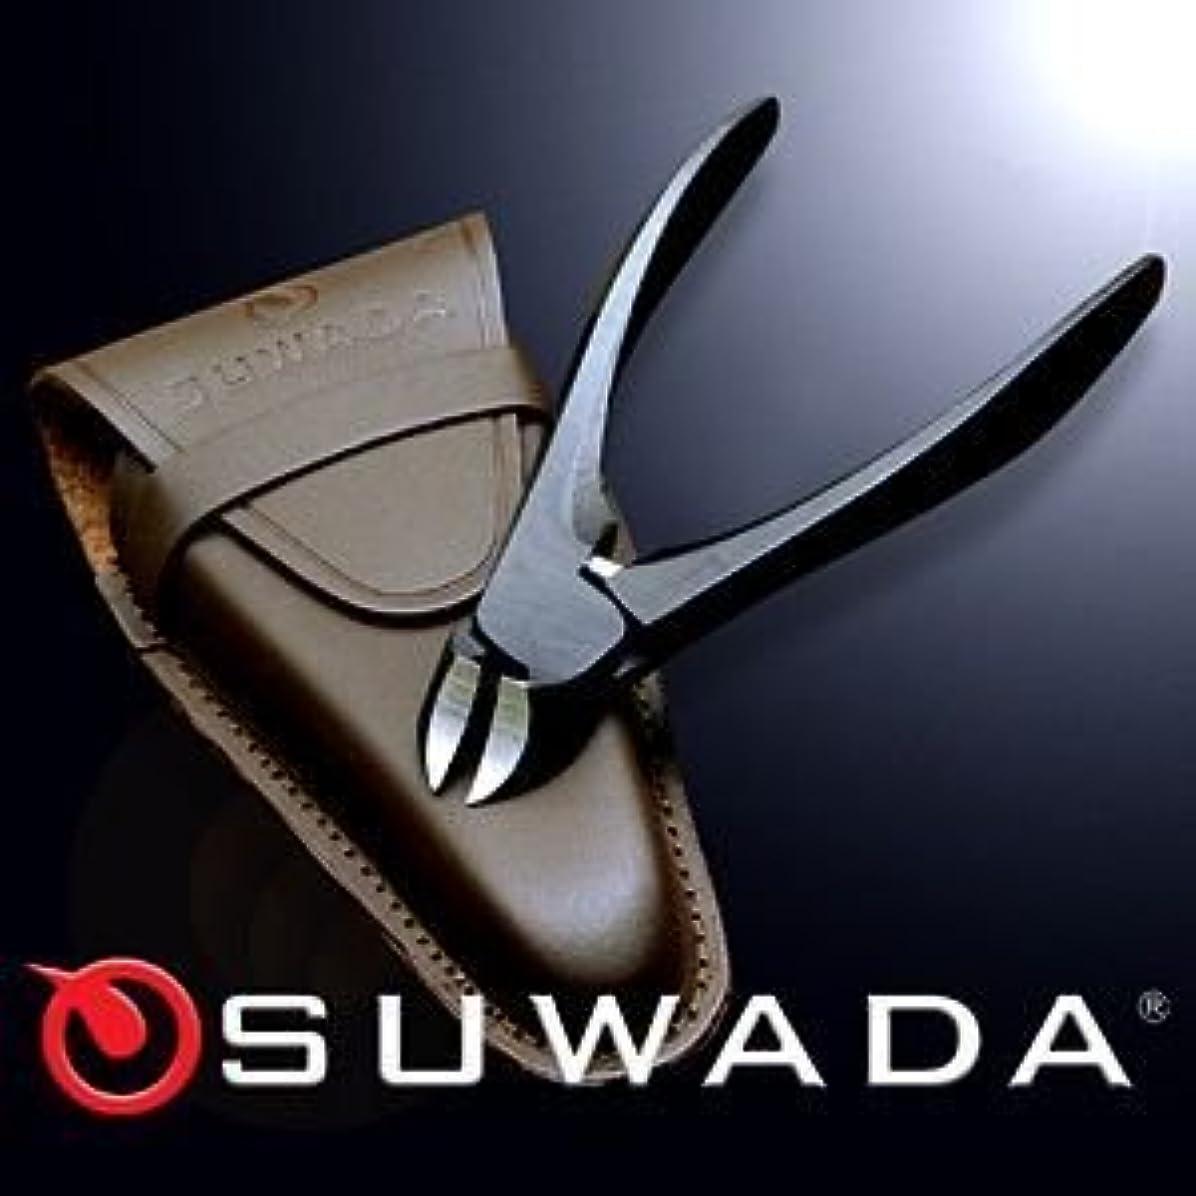 失態泳ぐ反逆SUWADA爪切りブラックL&革ケースセット 特注モデル 諏訪田製作所製 スワダの爪切り